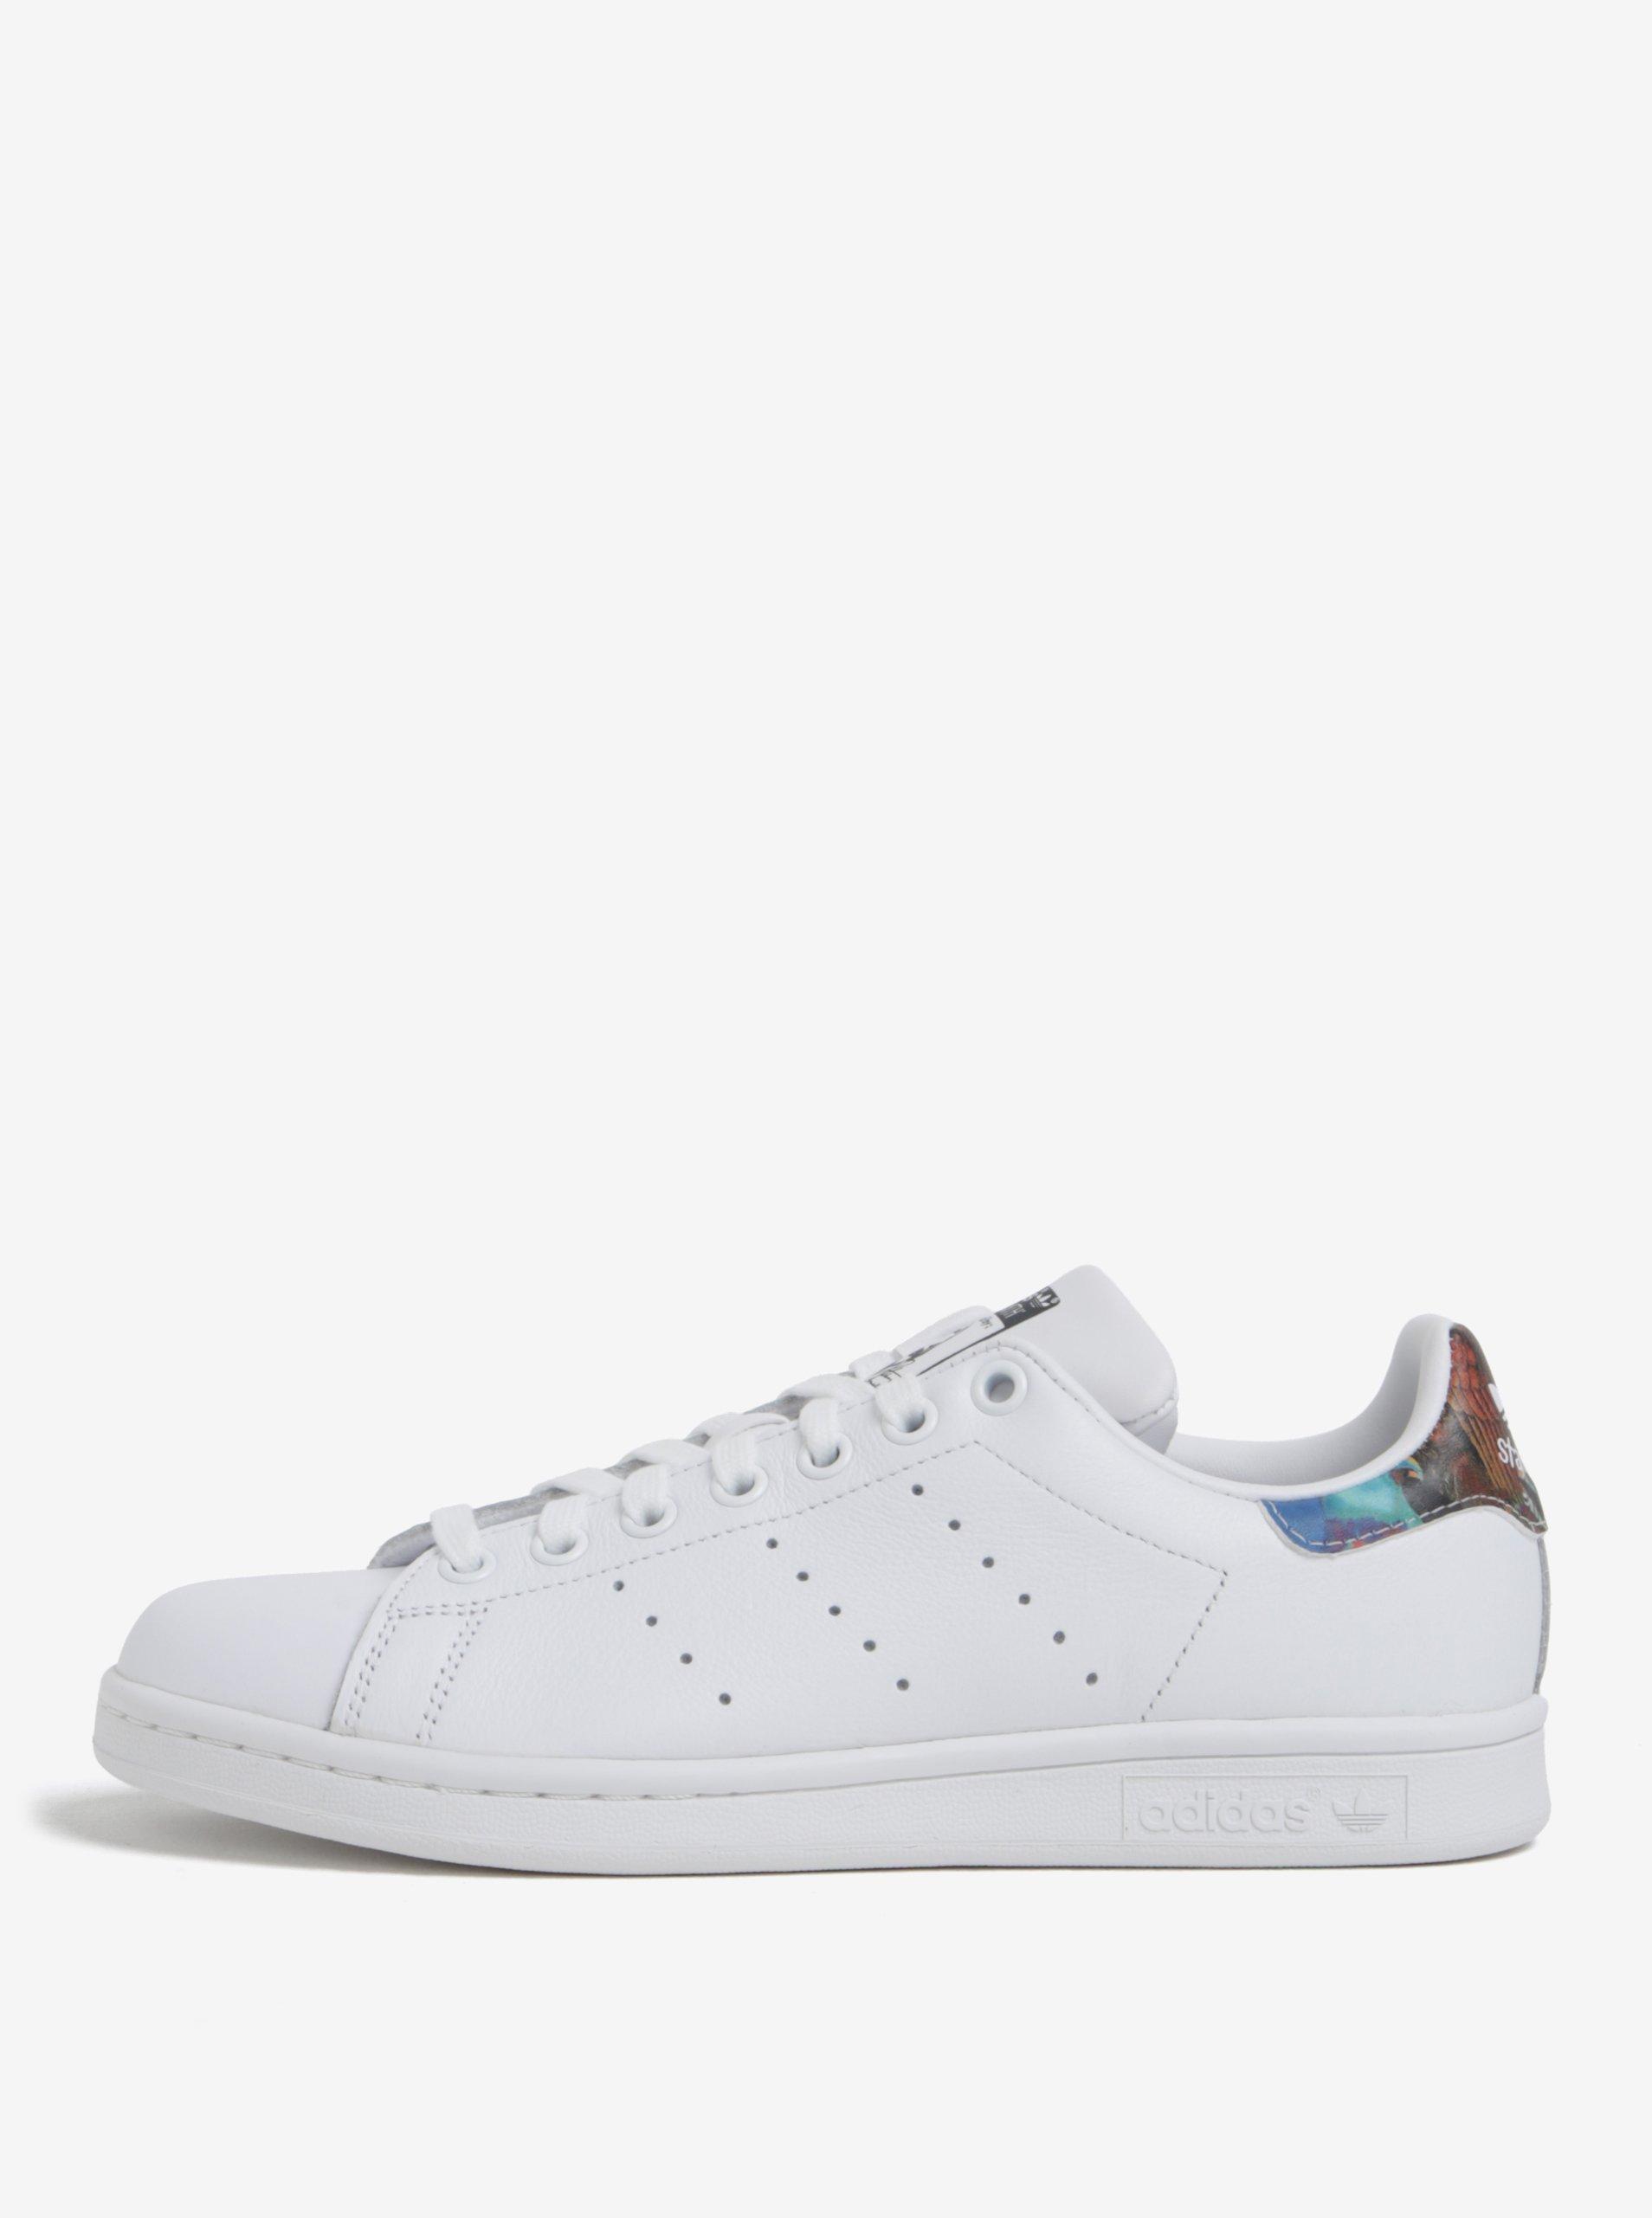 4cf48505e0c24 Biele dámske tenisky s farebným detailom adidas Originals Stan Smith ...